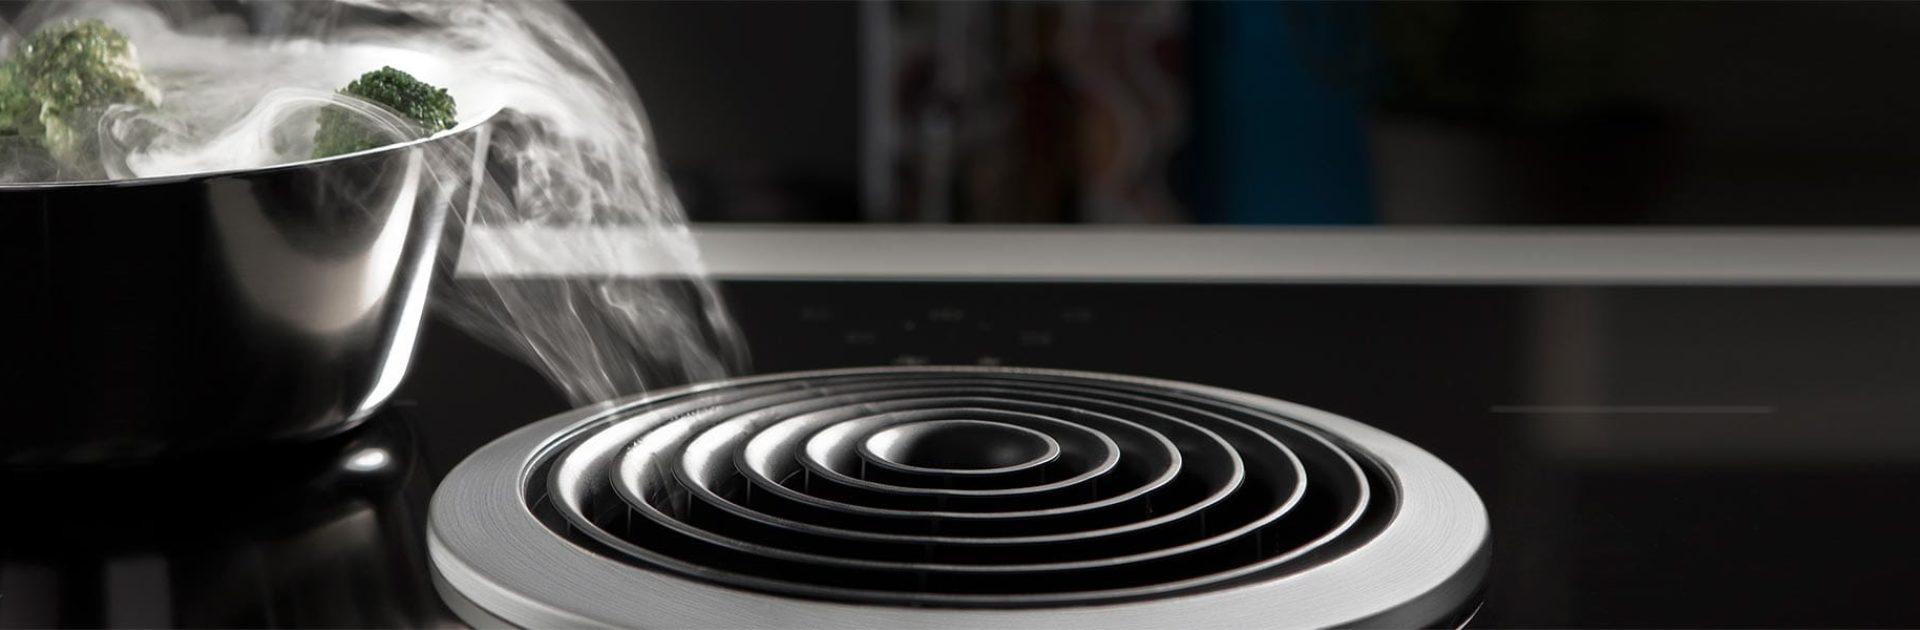 Innovatieve afzuigsystemen van BORA | Satink Keukens